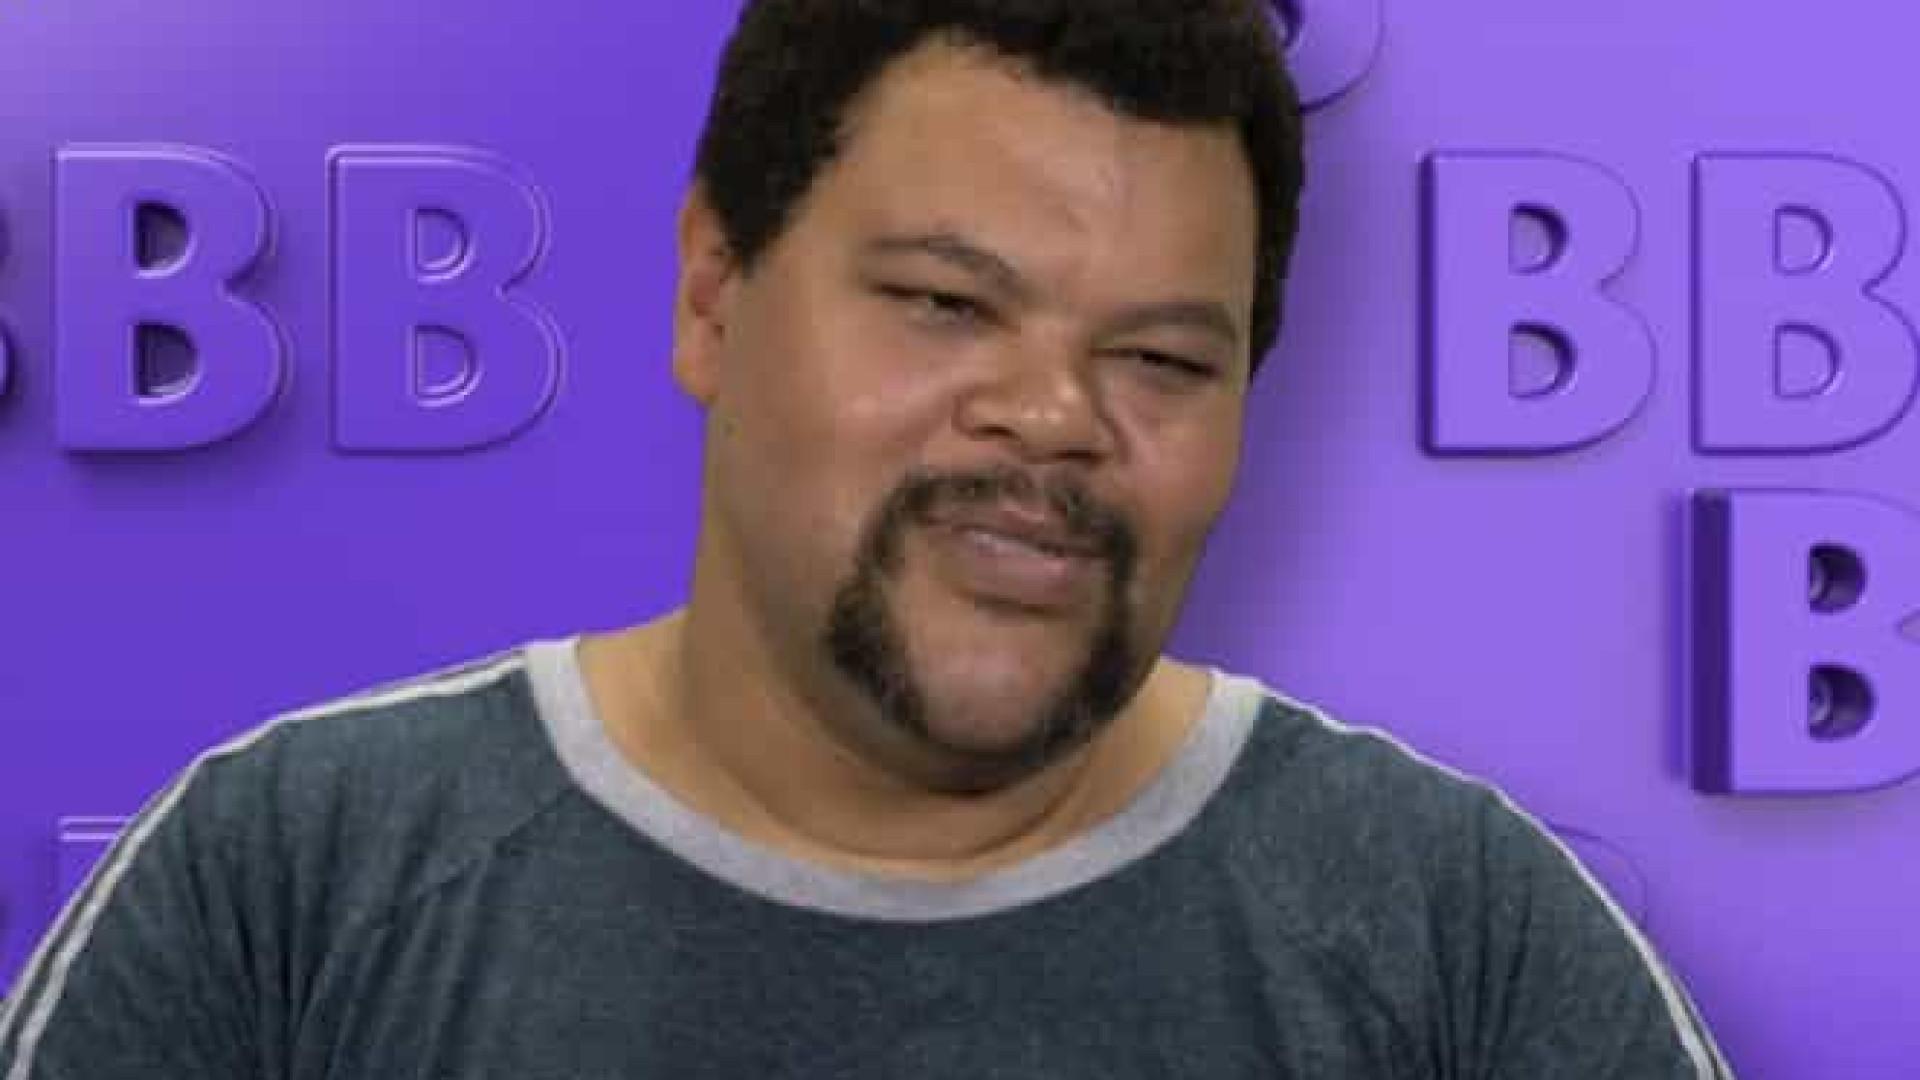 Brothers são acusados de racismo após comentário sobre Babu